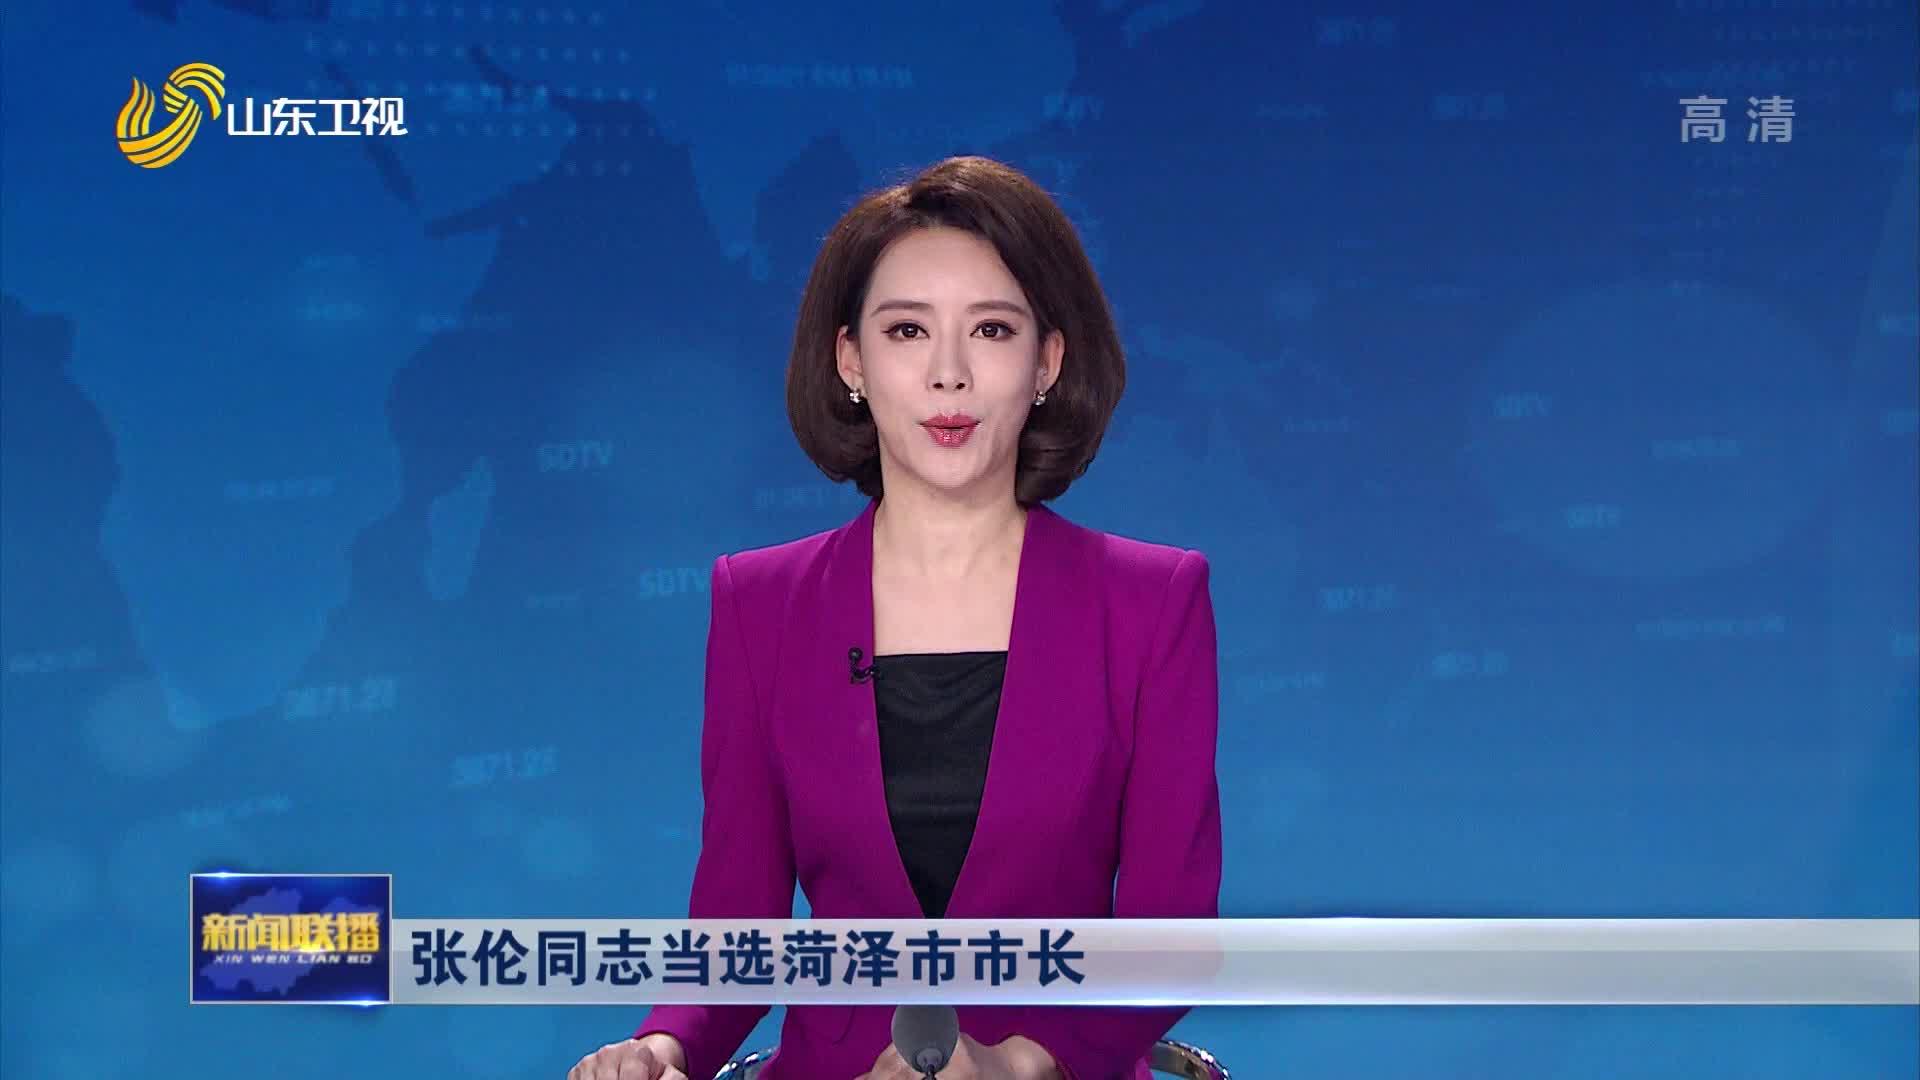 张伦同志当选菏泽市市长